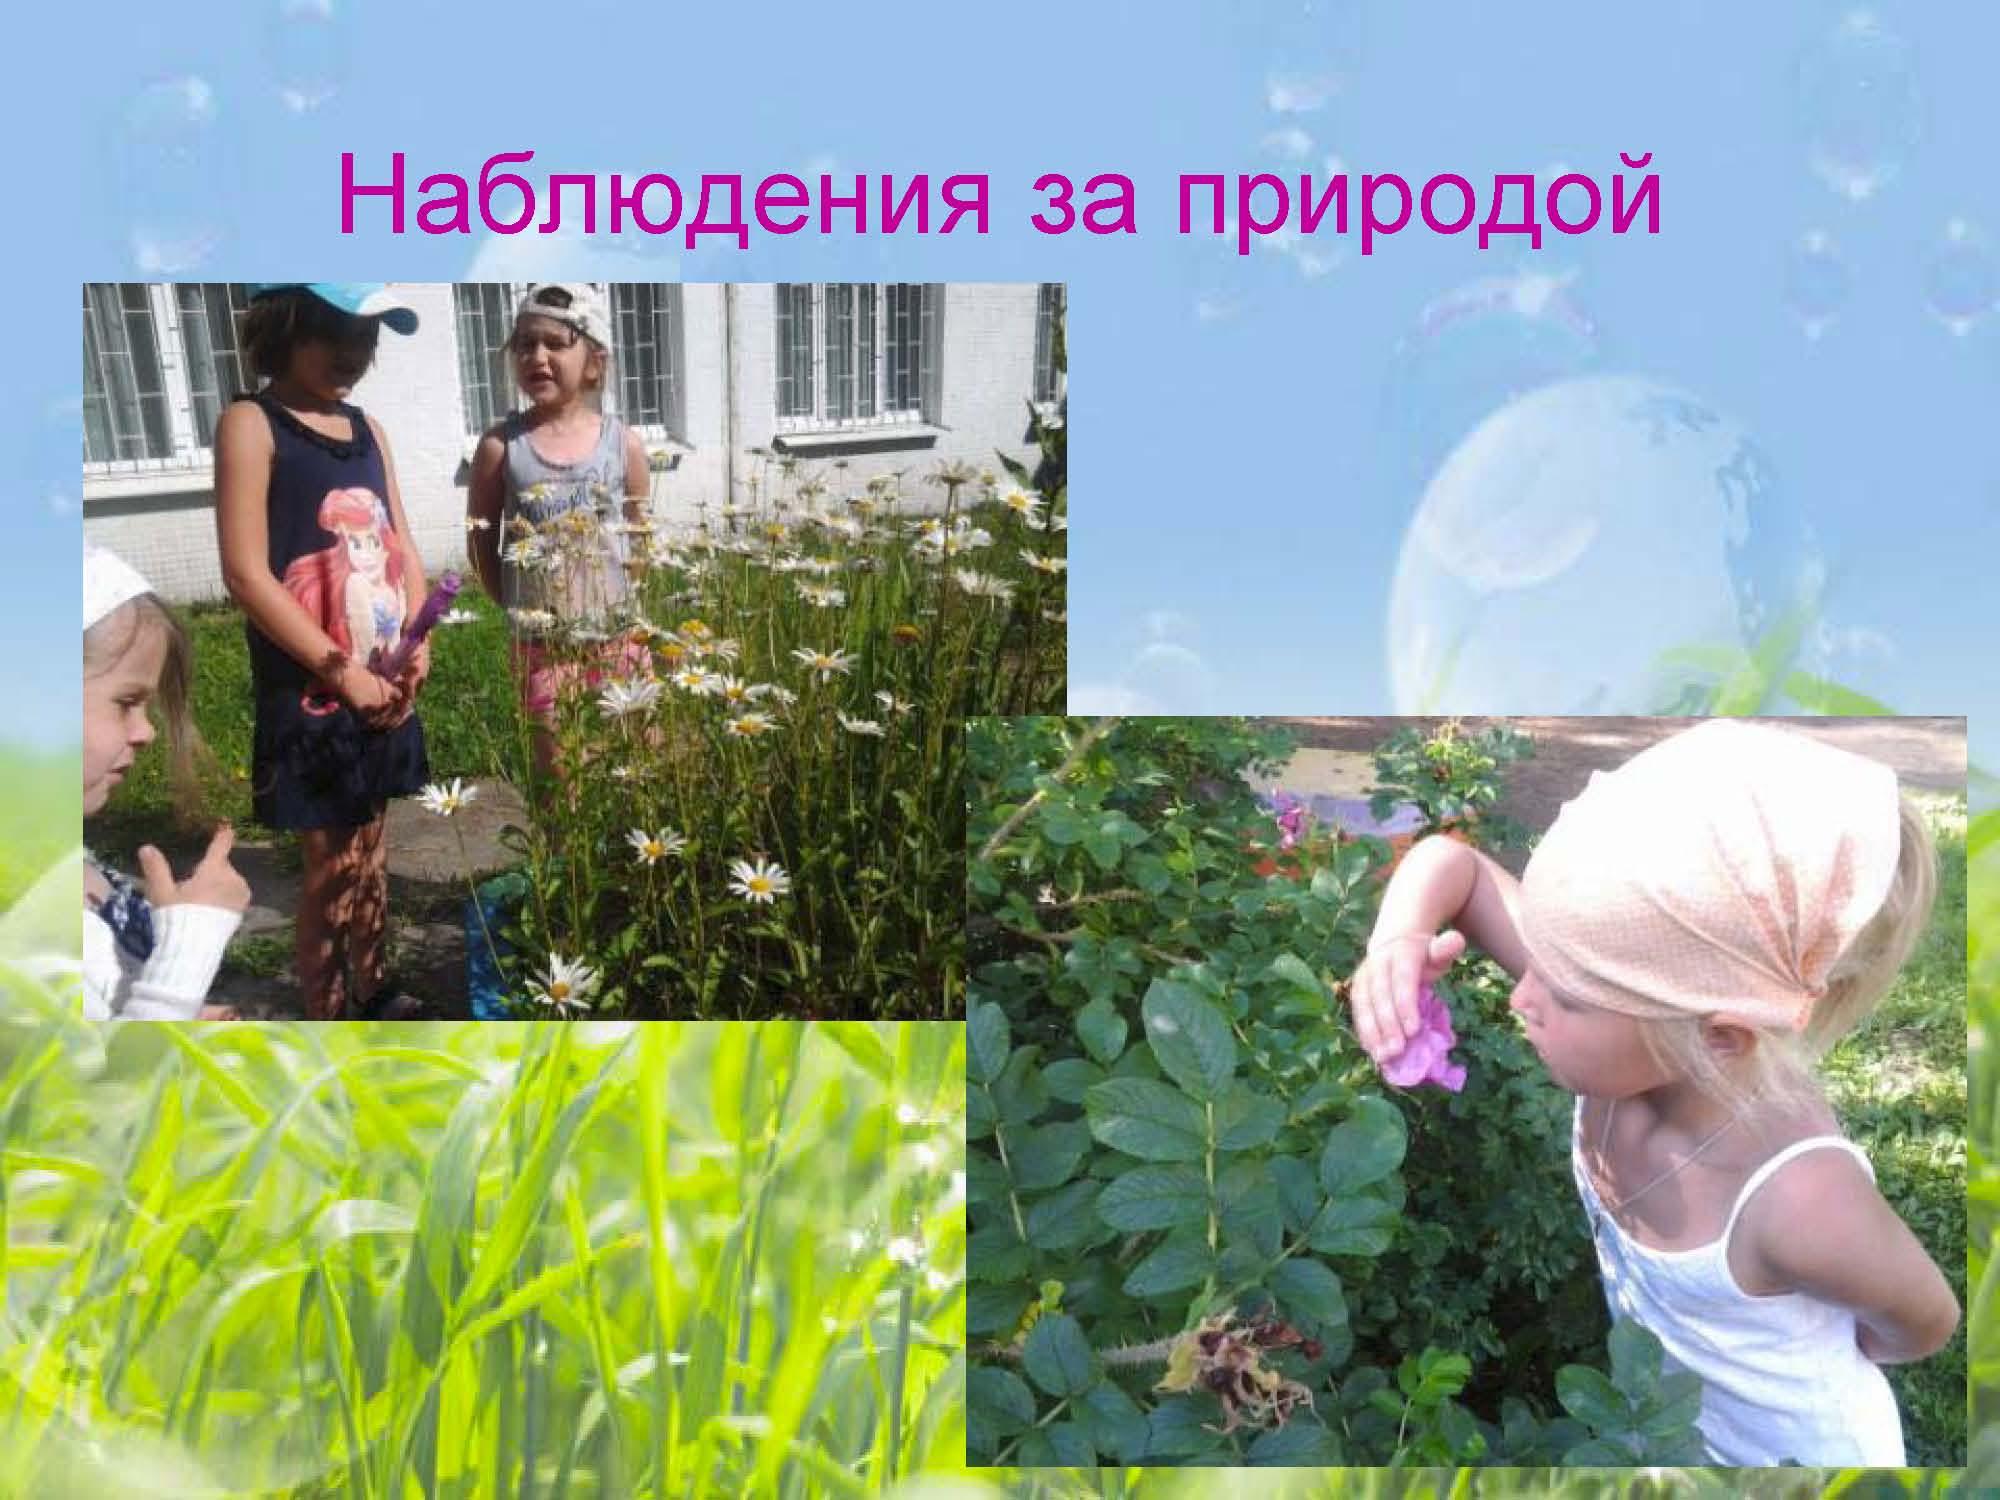 nature observation